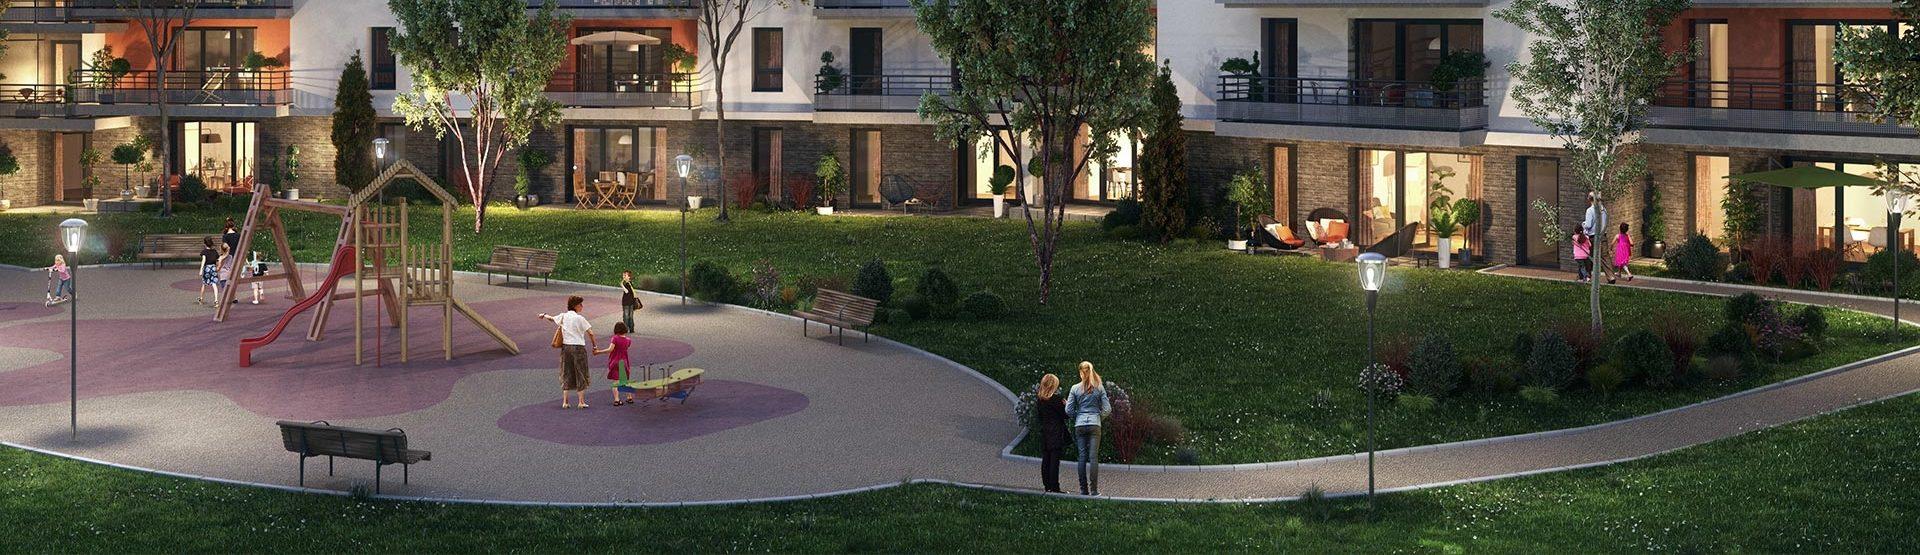 Programme immobilier EUR4 appartement à Cessy (01170) Centre de Cessy